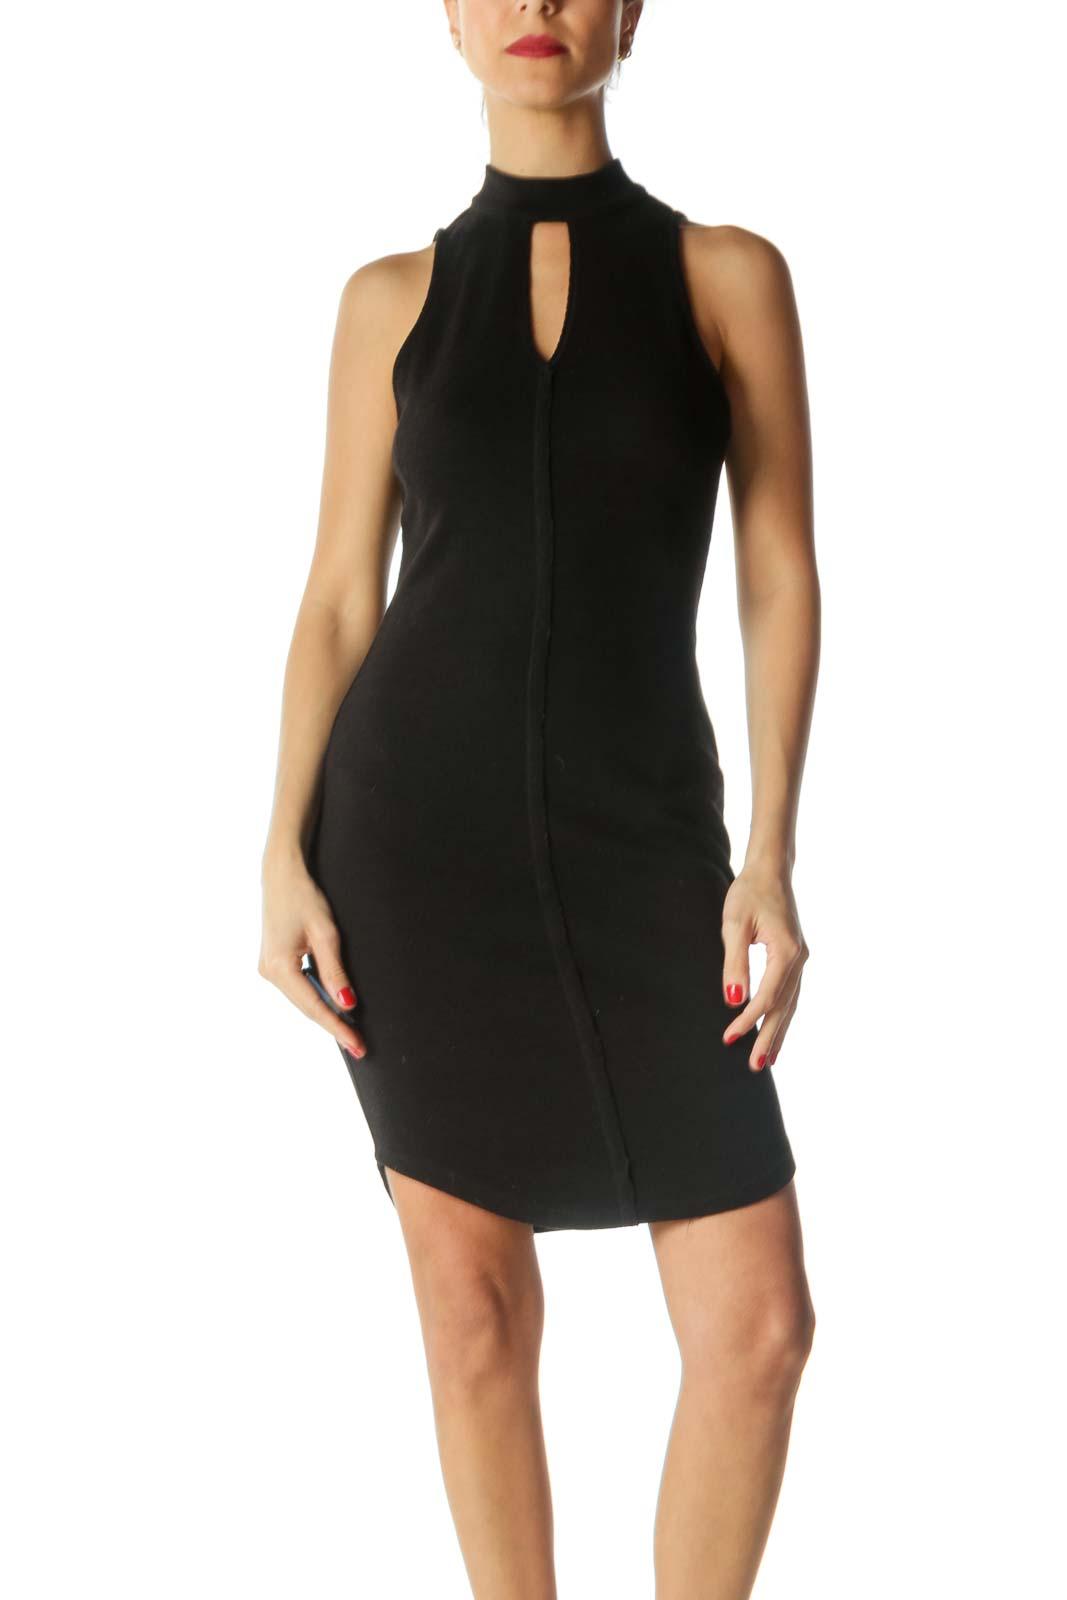 Black V-Neck Slim-Fit Ribbed Dress Front